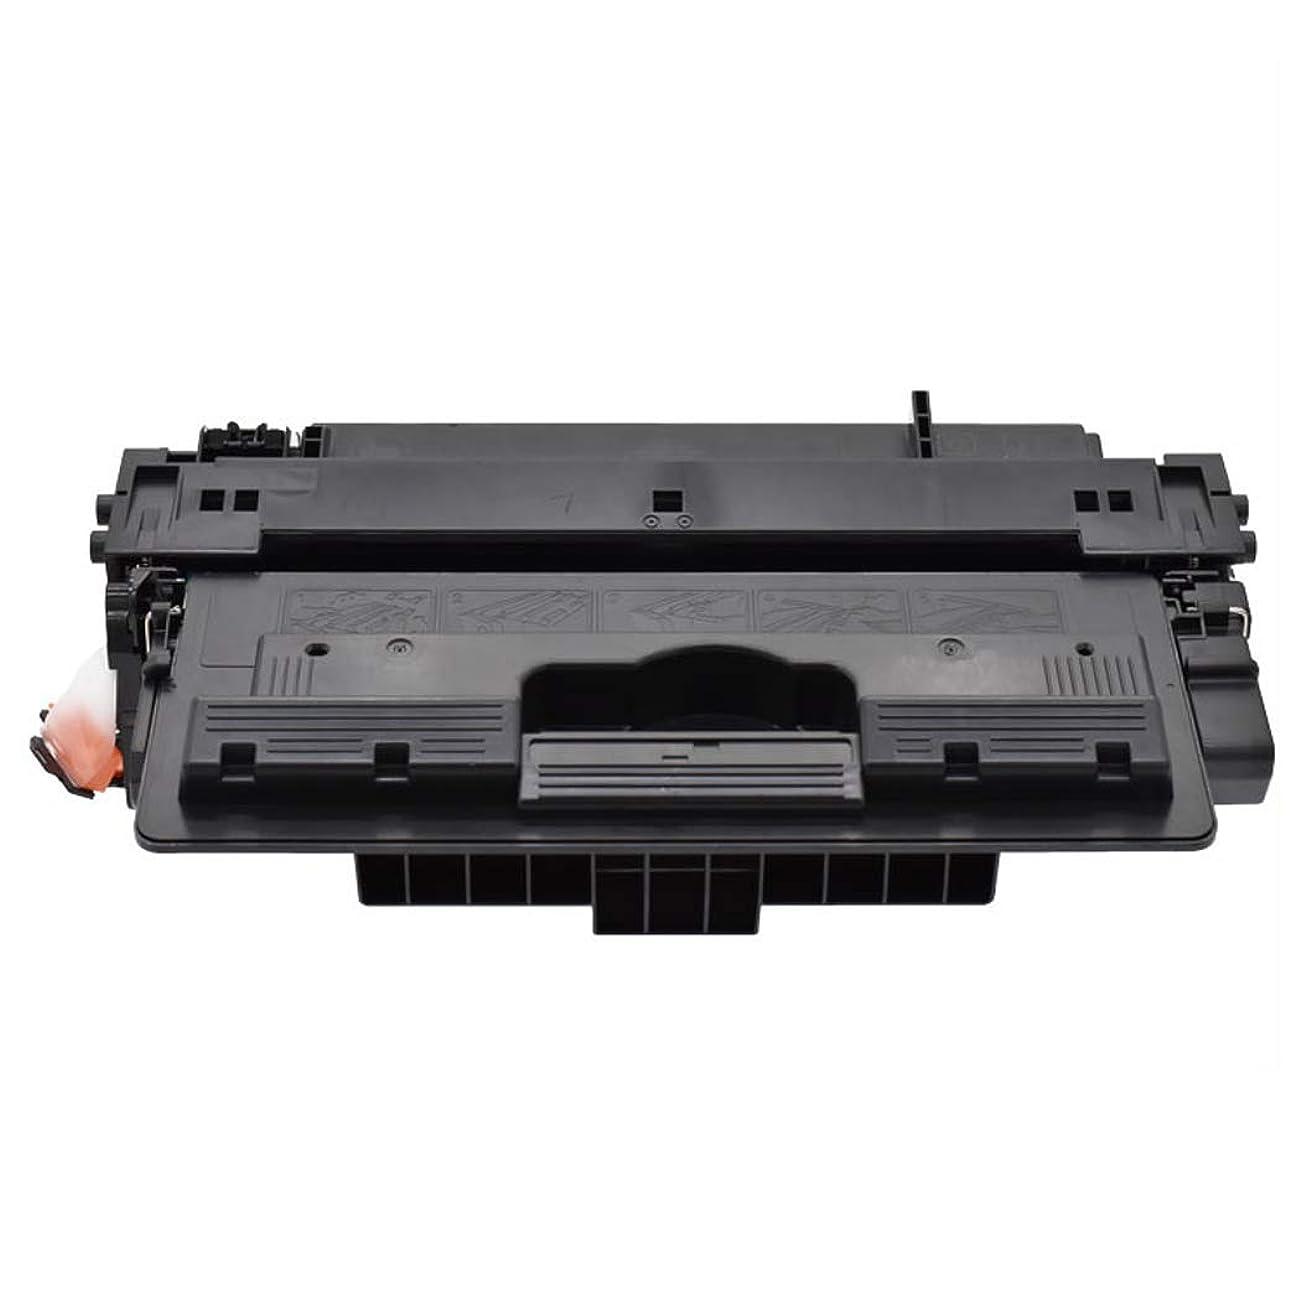 ショップ使い込むパンフレット互換性ありHP Q7570A M5025 M5035XS M5035mfpプリンタートナーカートリッジ用のHP70Aトナーカートリッジに対応